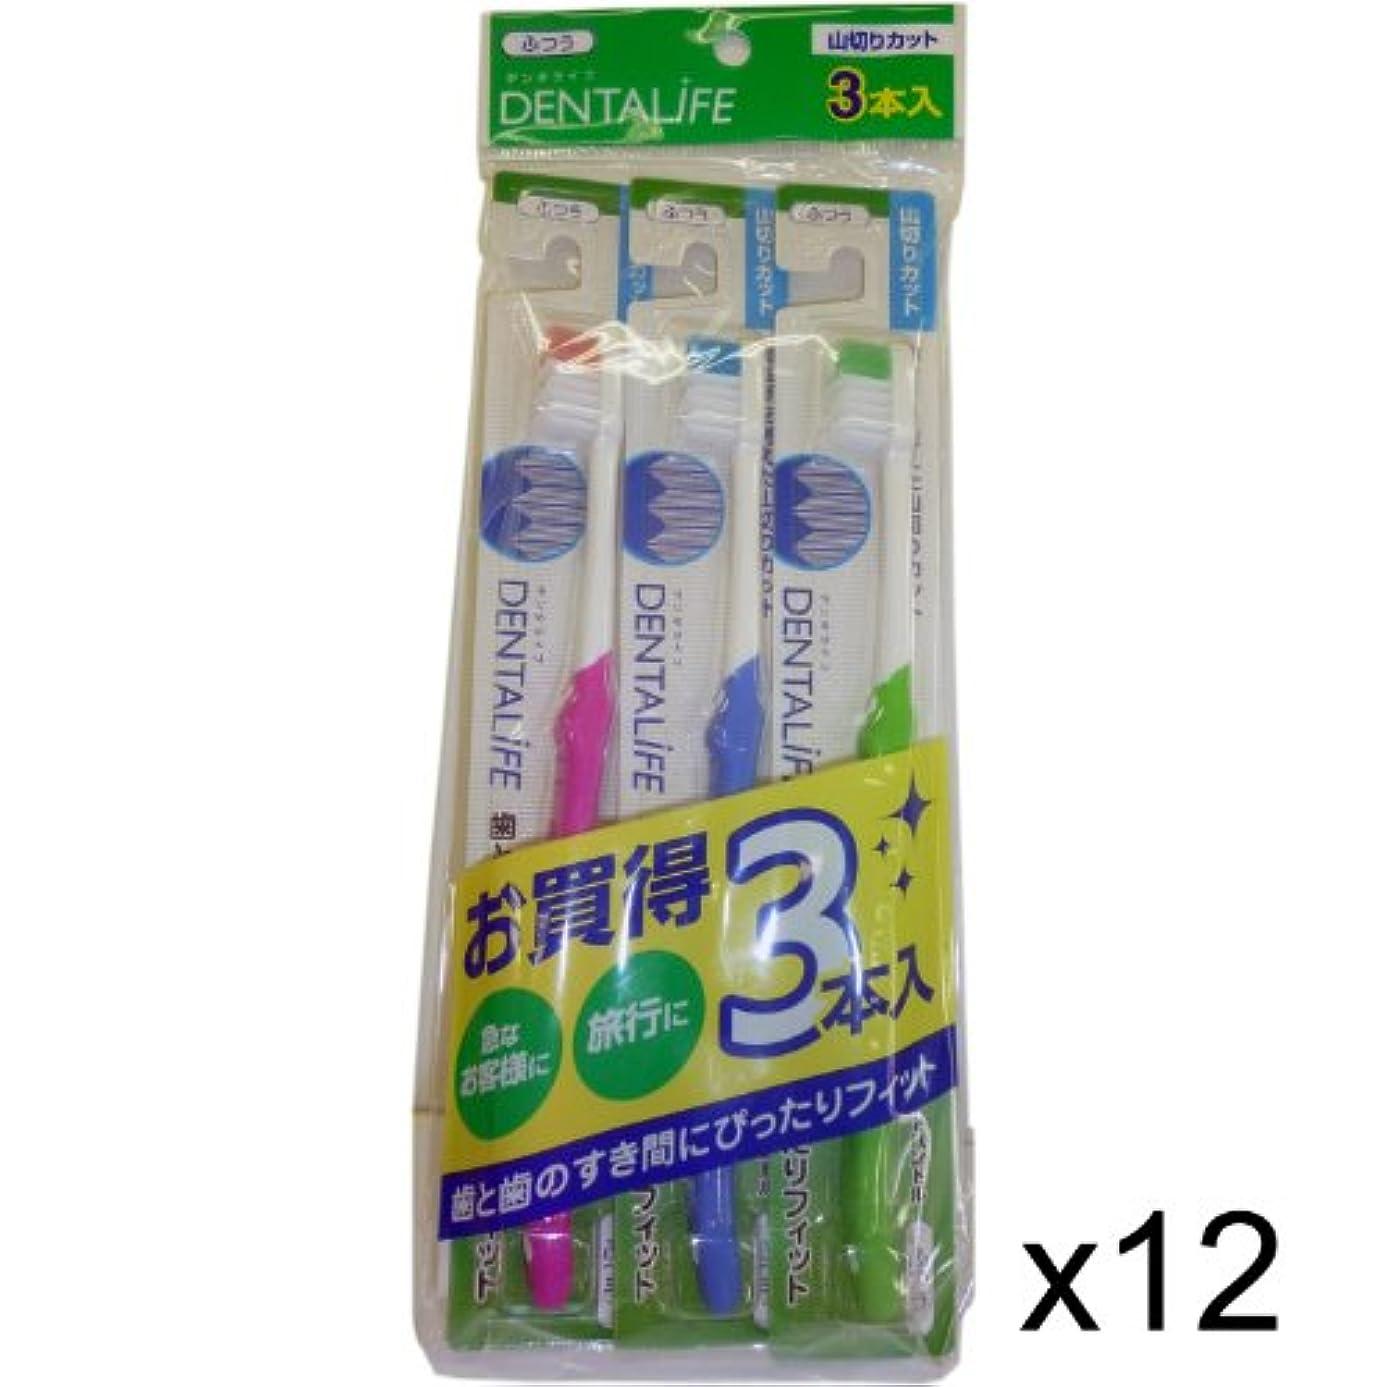 匹敵します融合羽お徳用 DELTALIFE(デンタライフ)山切り歯ブラシ ふつう 3P×12ヶセット(36本)